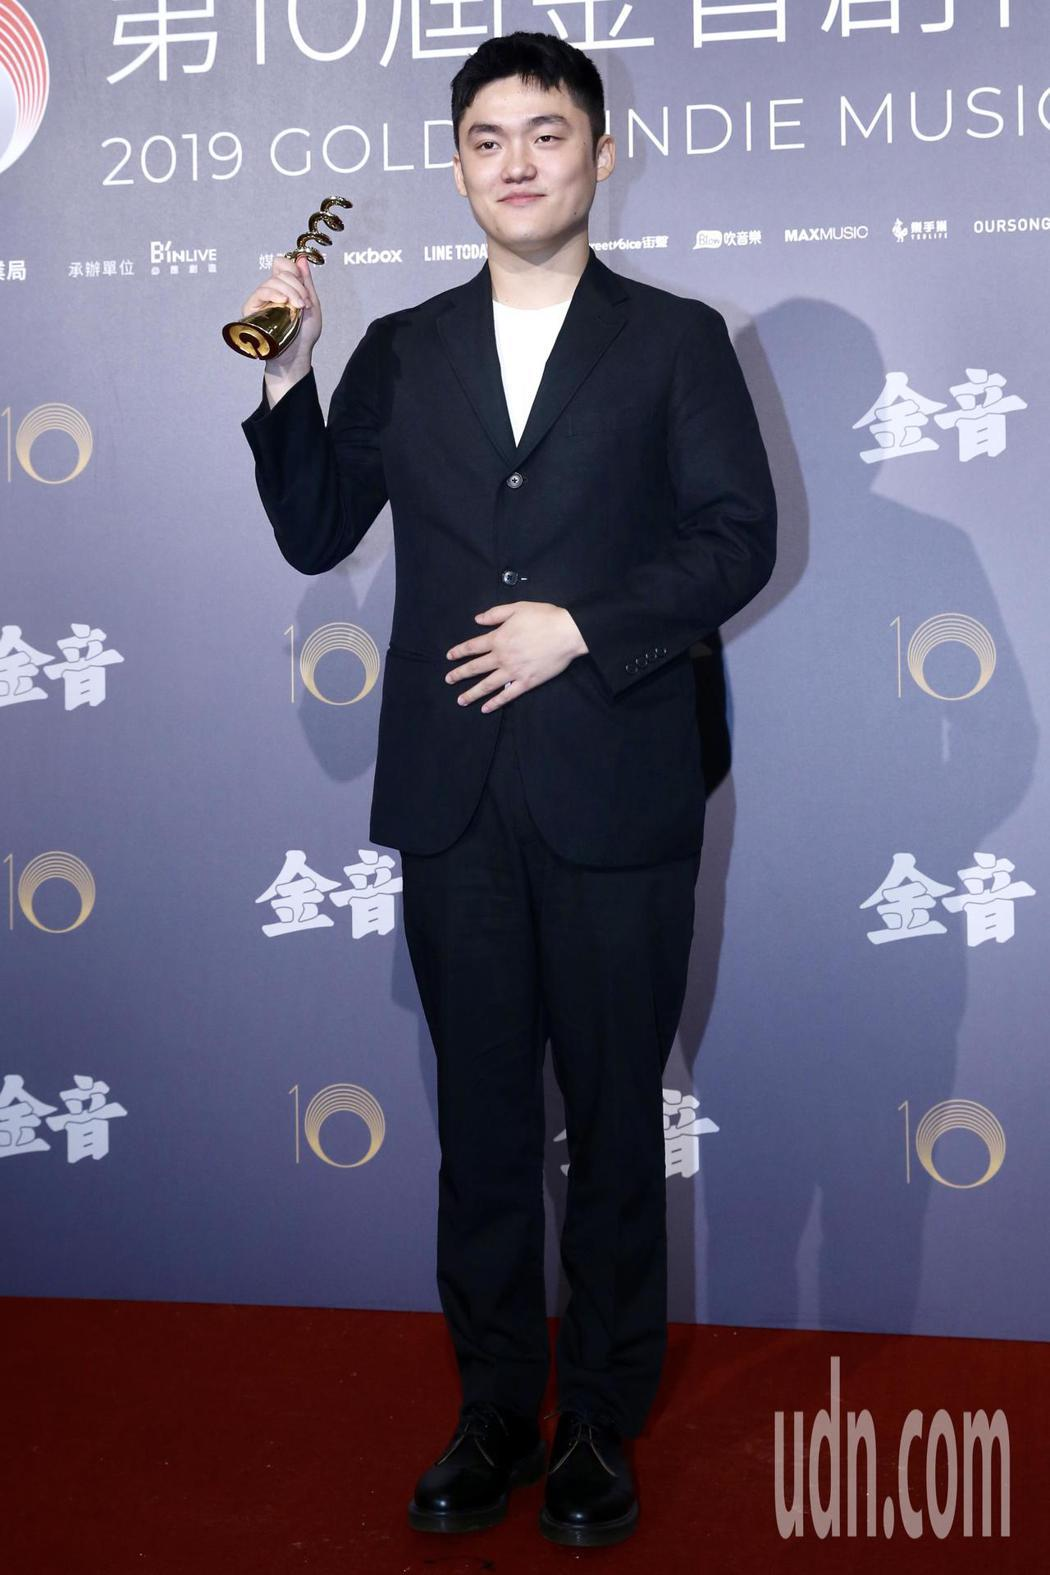 第十屆金音創作獎頒獎典禮在國父紀念館舉行,最佳民謠單曲獎由劉庭佐《風箏/白雲》獲